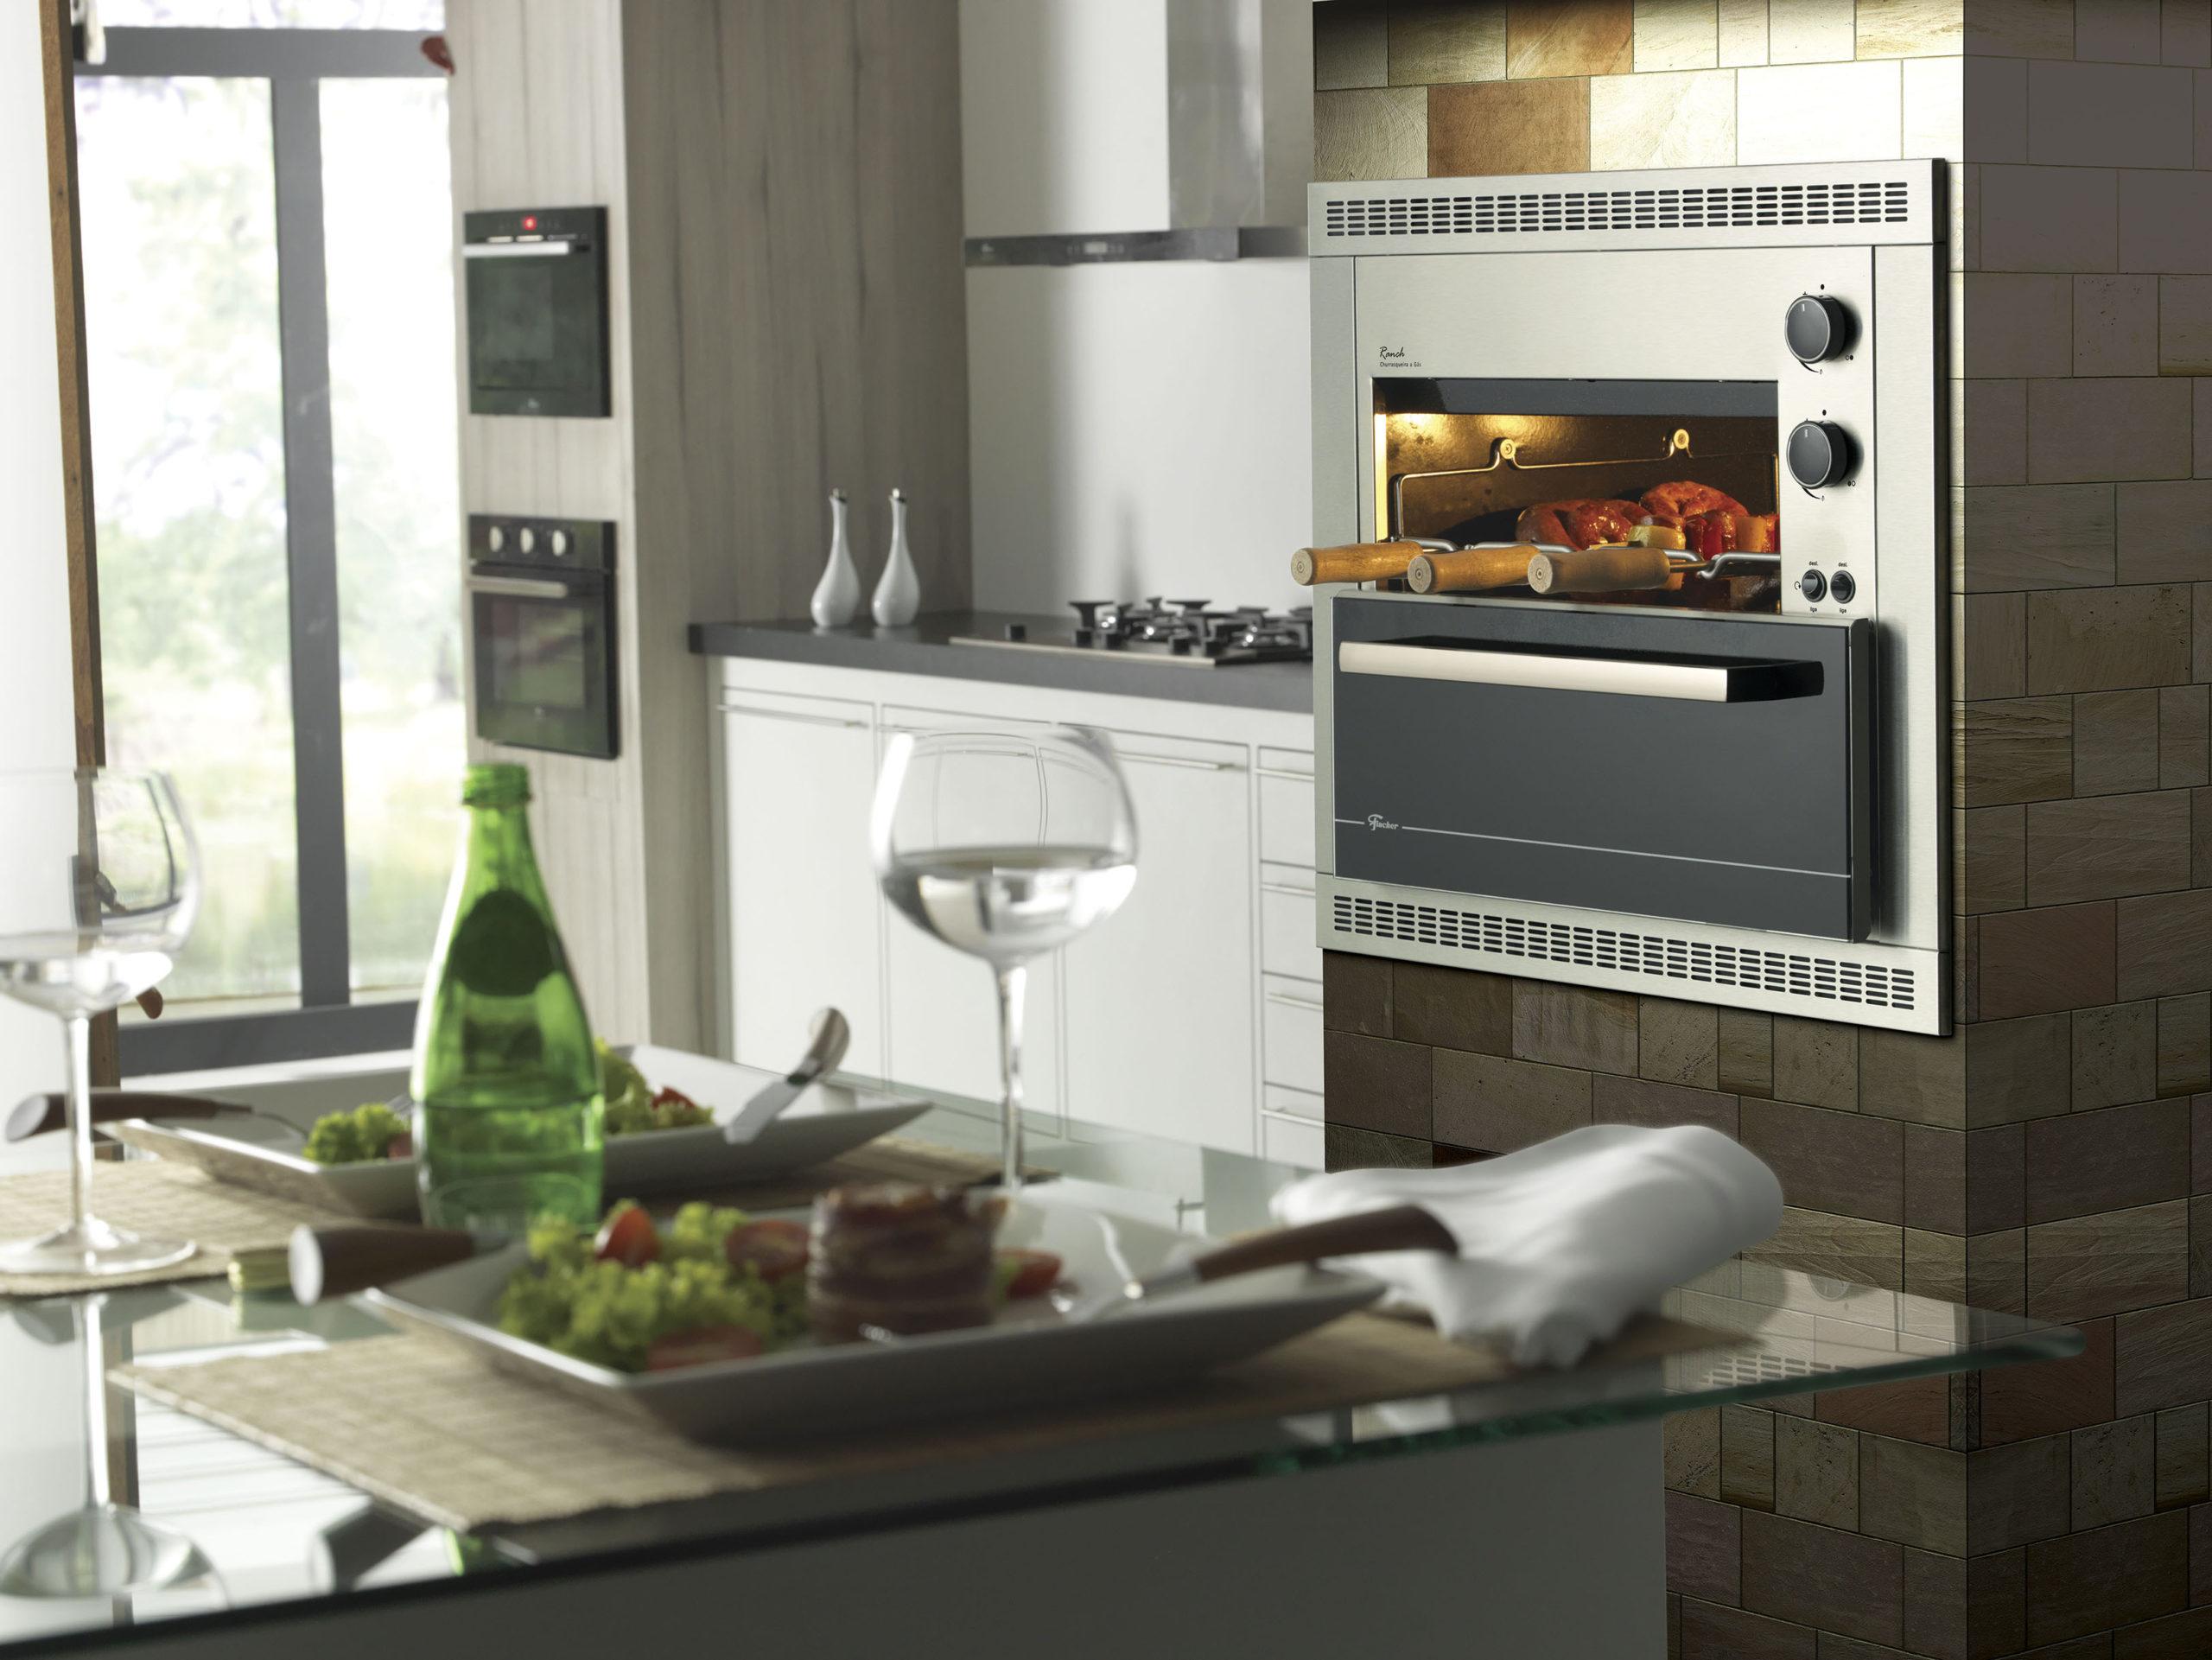 Modelo de churrasqueiras a gás na cozinha luxuosa.